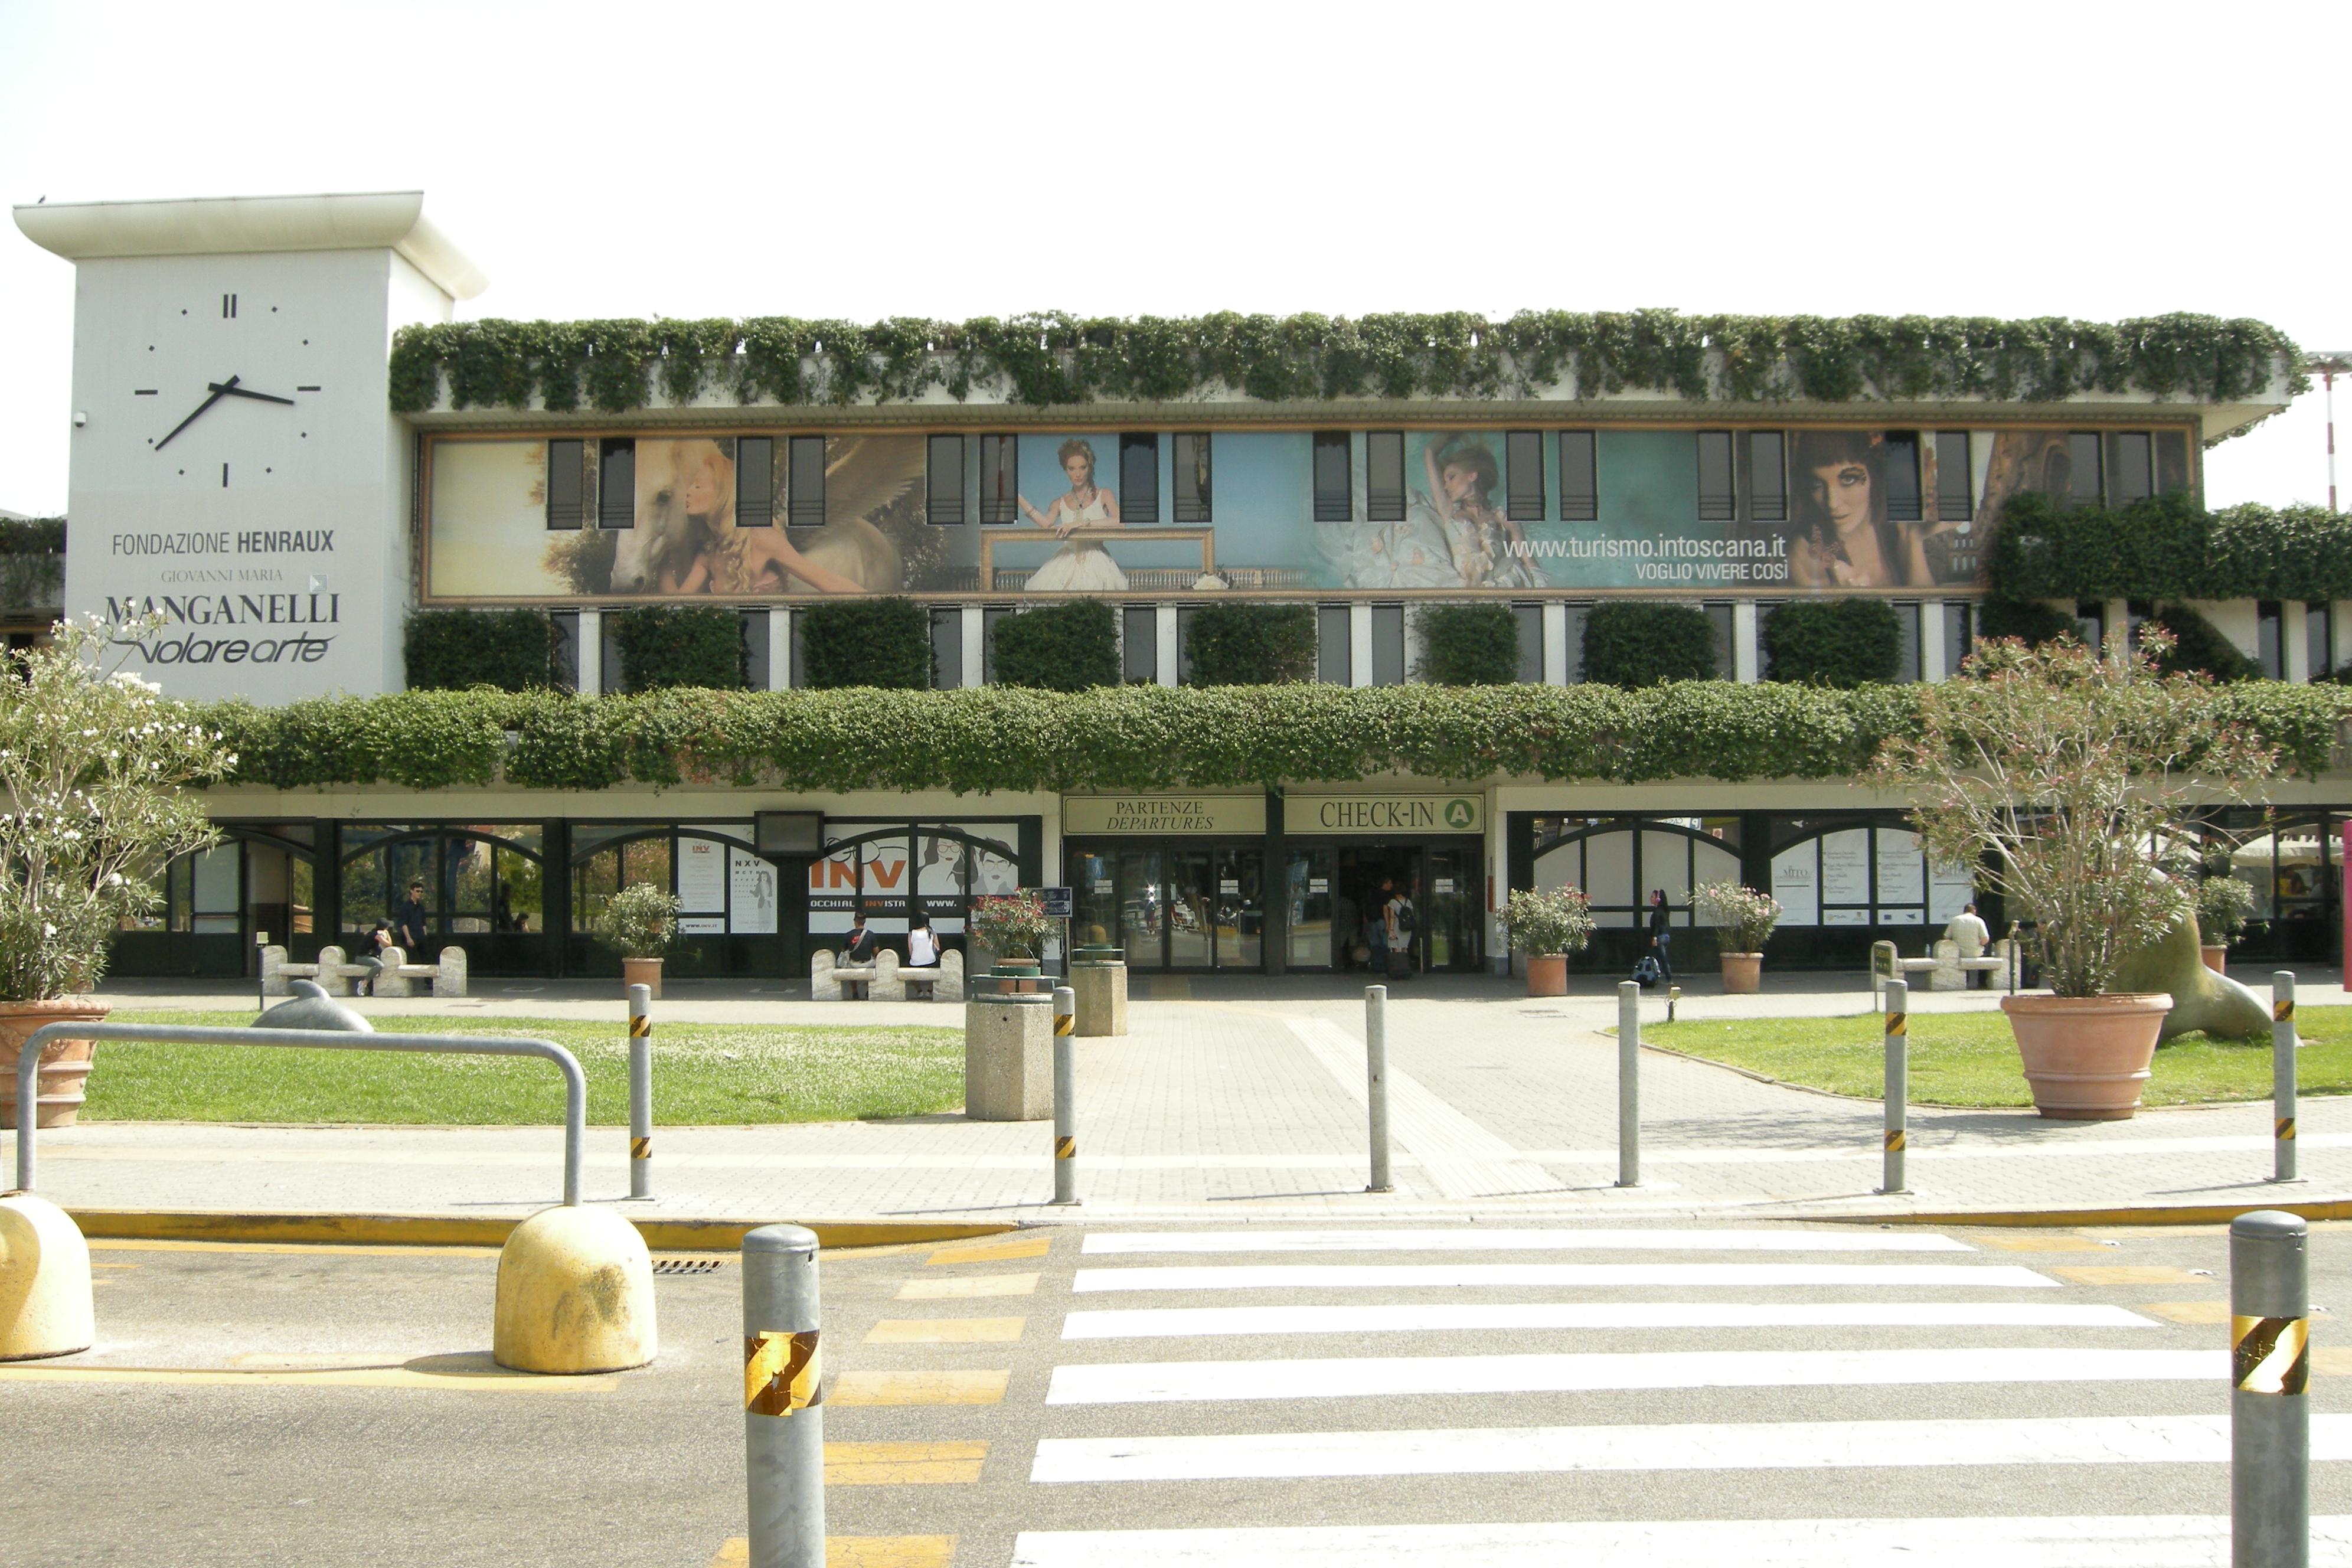 Aeroporto Pisa : File aeroporto internazionale galileo galilei di pisa g